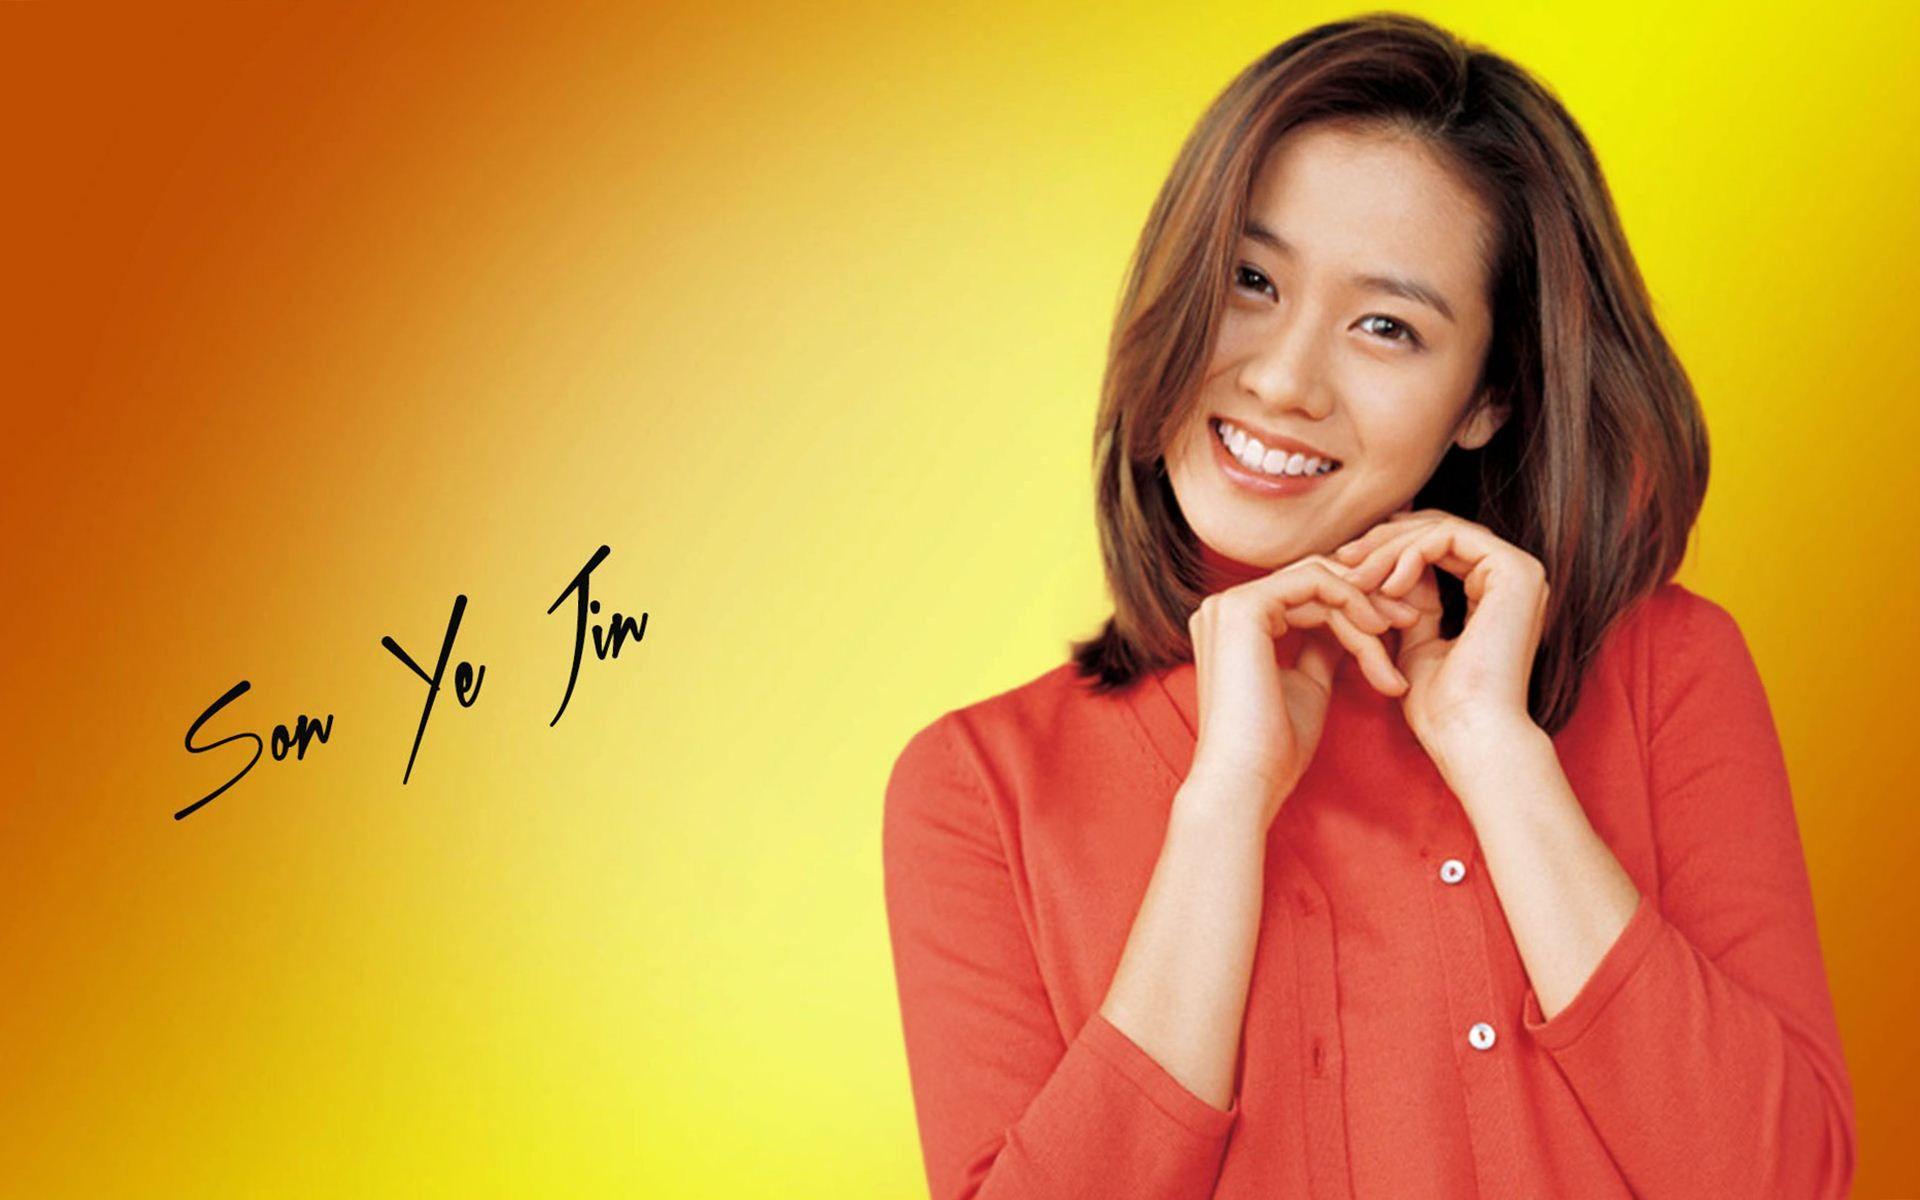 Son Ye Jin Cute Korean Girl Actress Wallpaper Photos Gallery Ft W